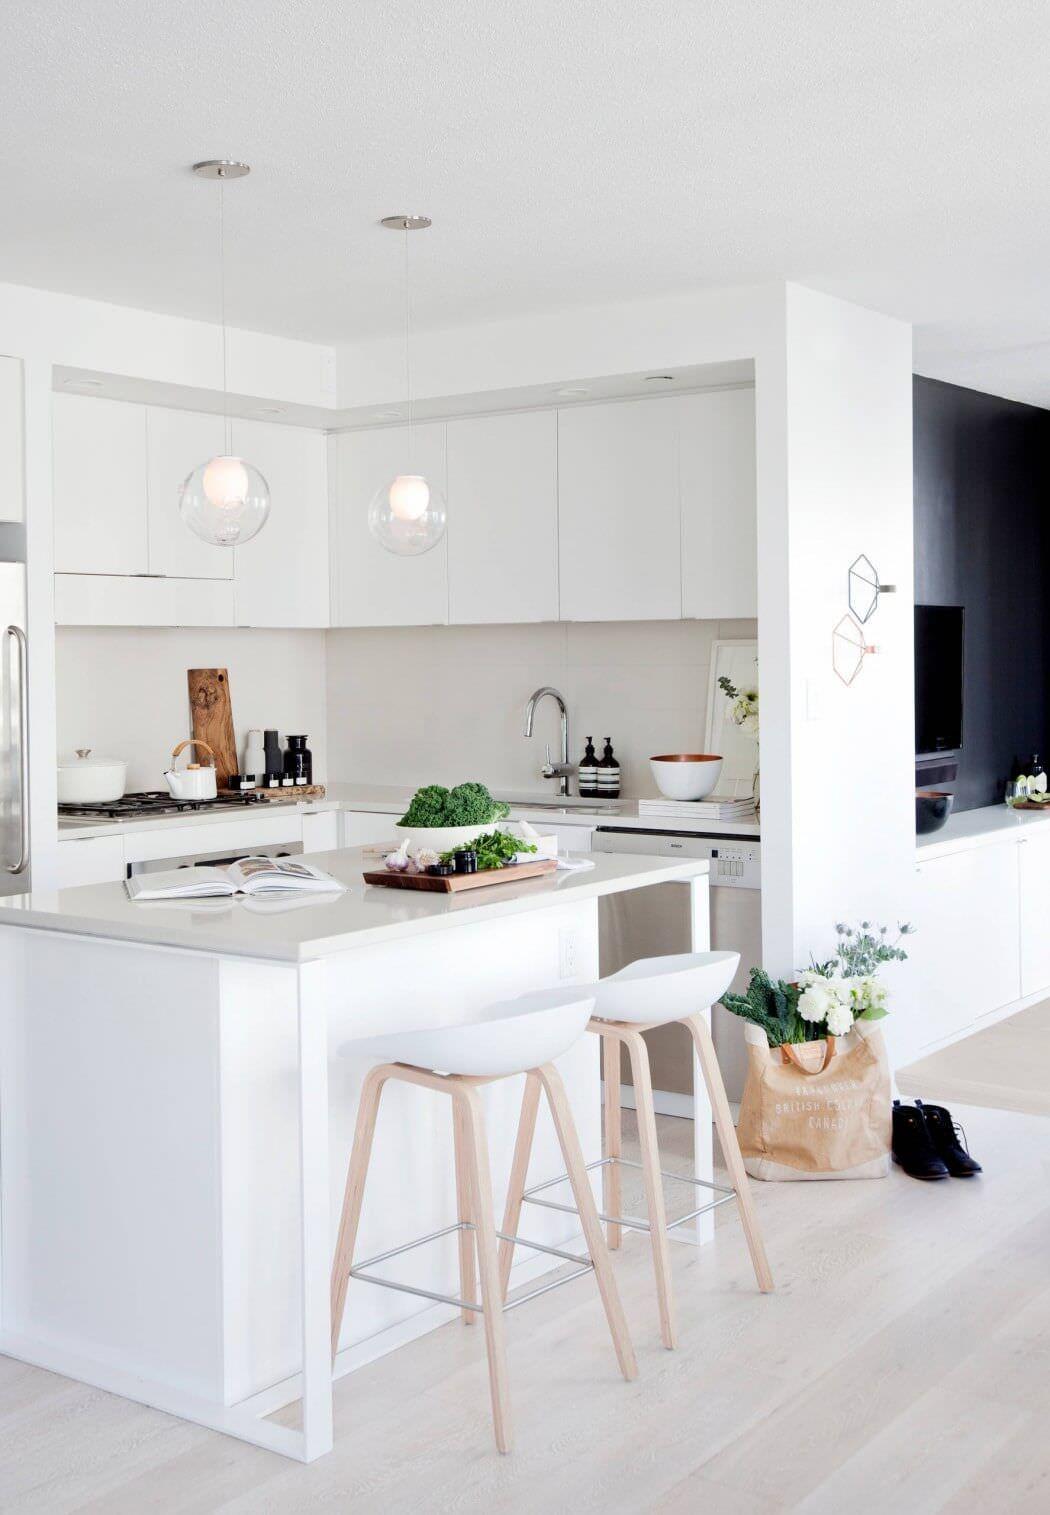 Cucina Piccola Moderna.100 Idee Cucine Moderne Stile E Design Per La Cucina